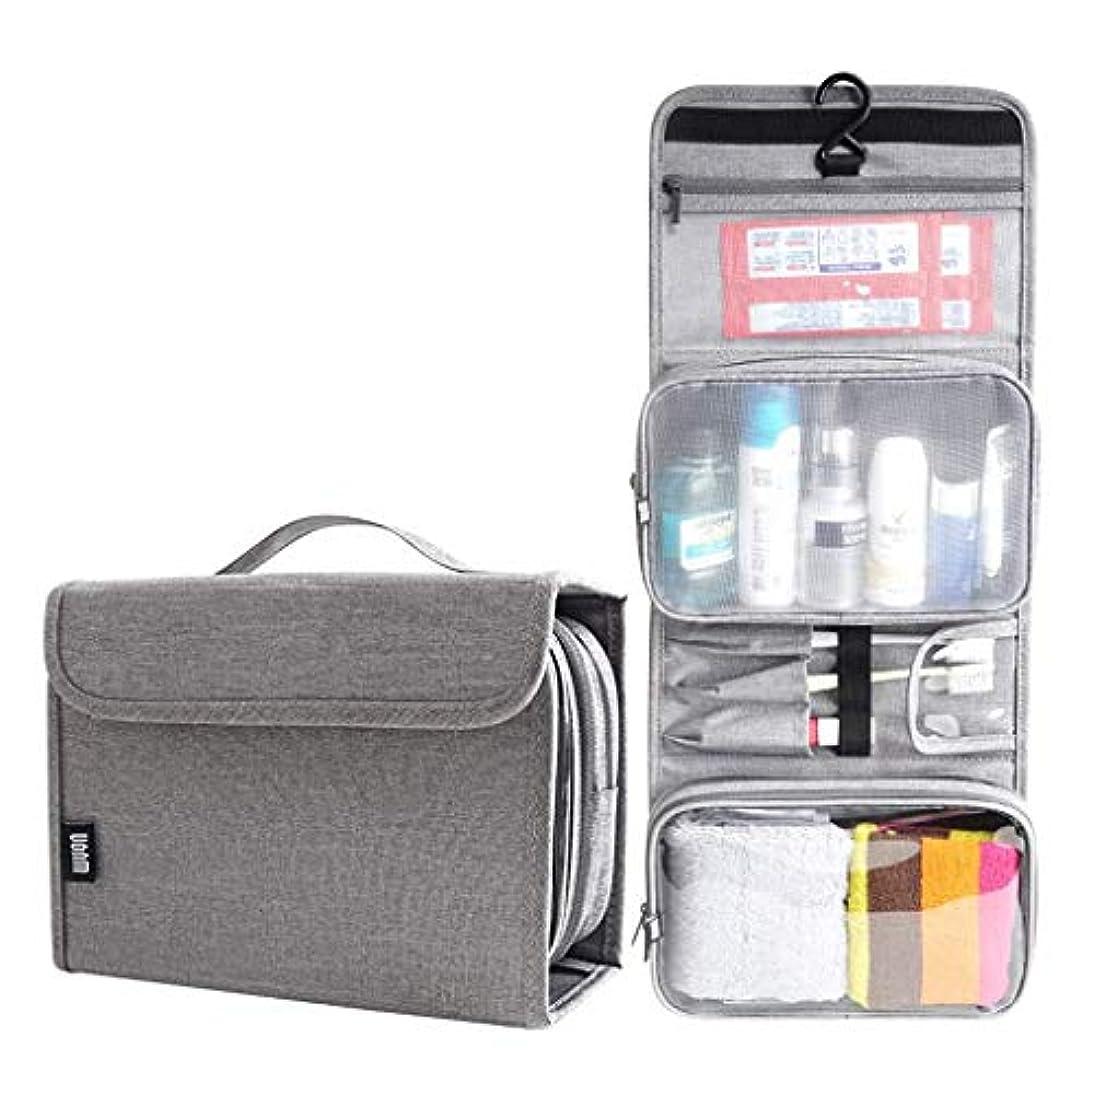 じゃがいもアシスタント通行料金洗濯袋、携帯用化粧品袋、屋外の大容量男性と女性の旅行収納仕上げバッグ、トラベルグッズバッグ - L 22.5 * 10 * 17 cm(カラー:グレー)